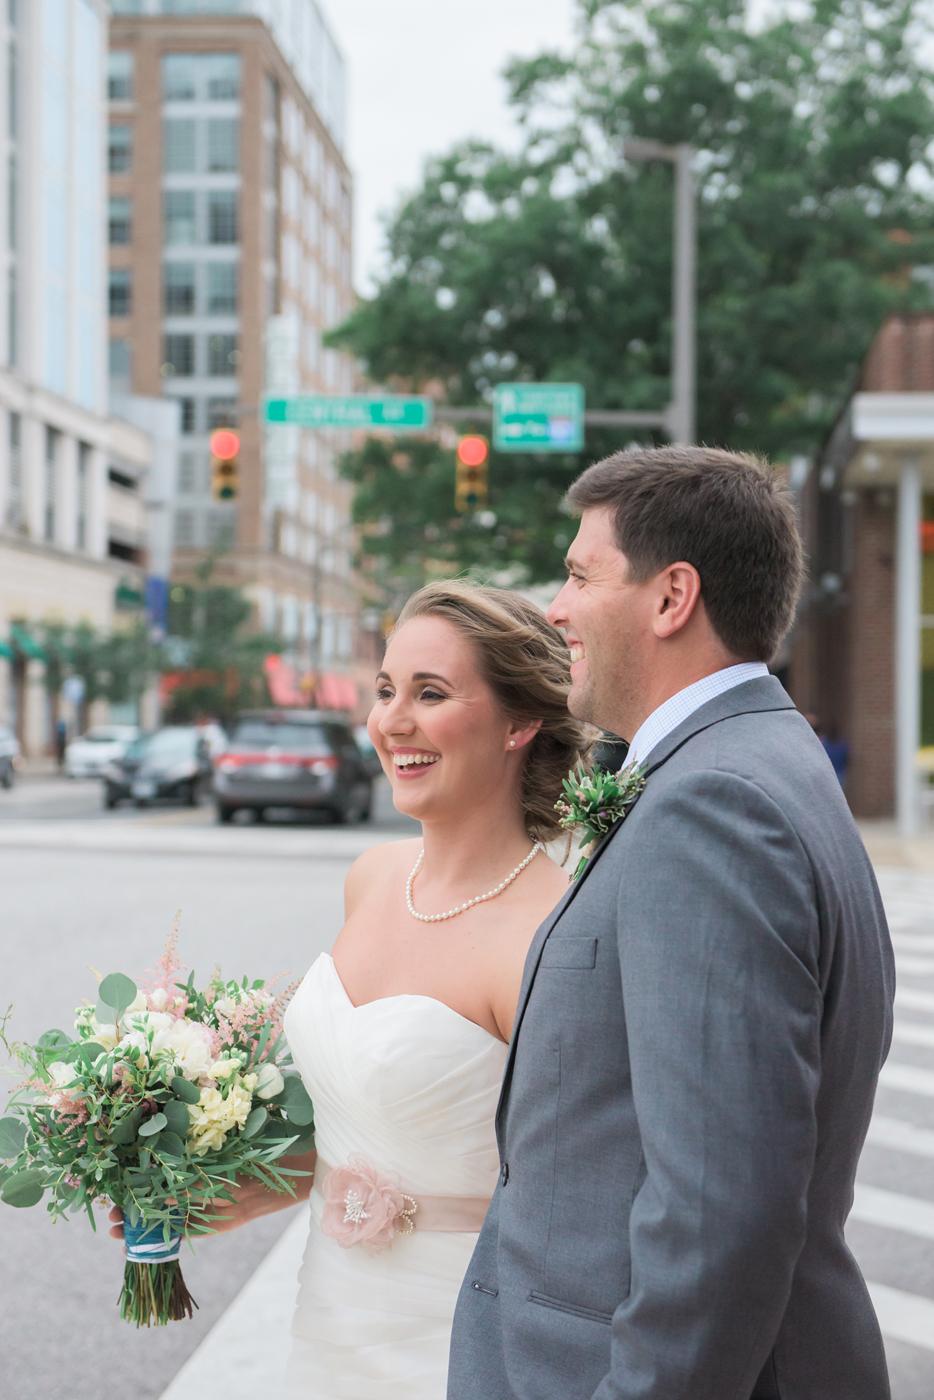 044-0159-jse-wedding-baltimore-3919